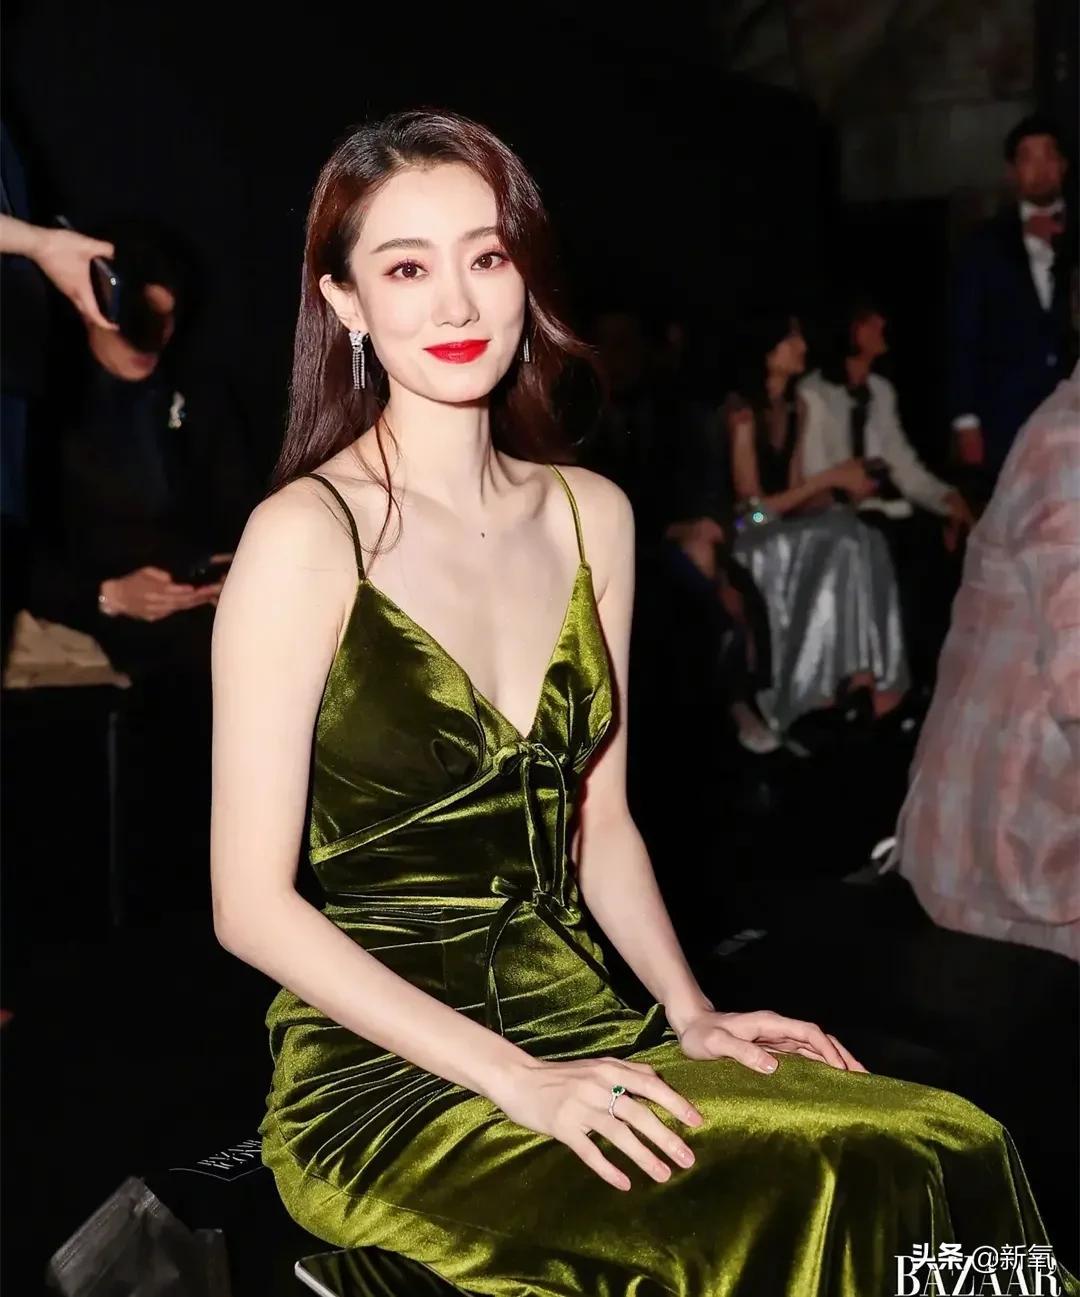 倪妮时尚力下降?礼服造型被其他女明星无情超越?